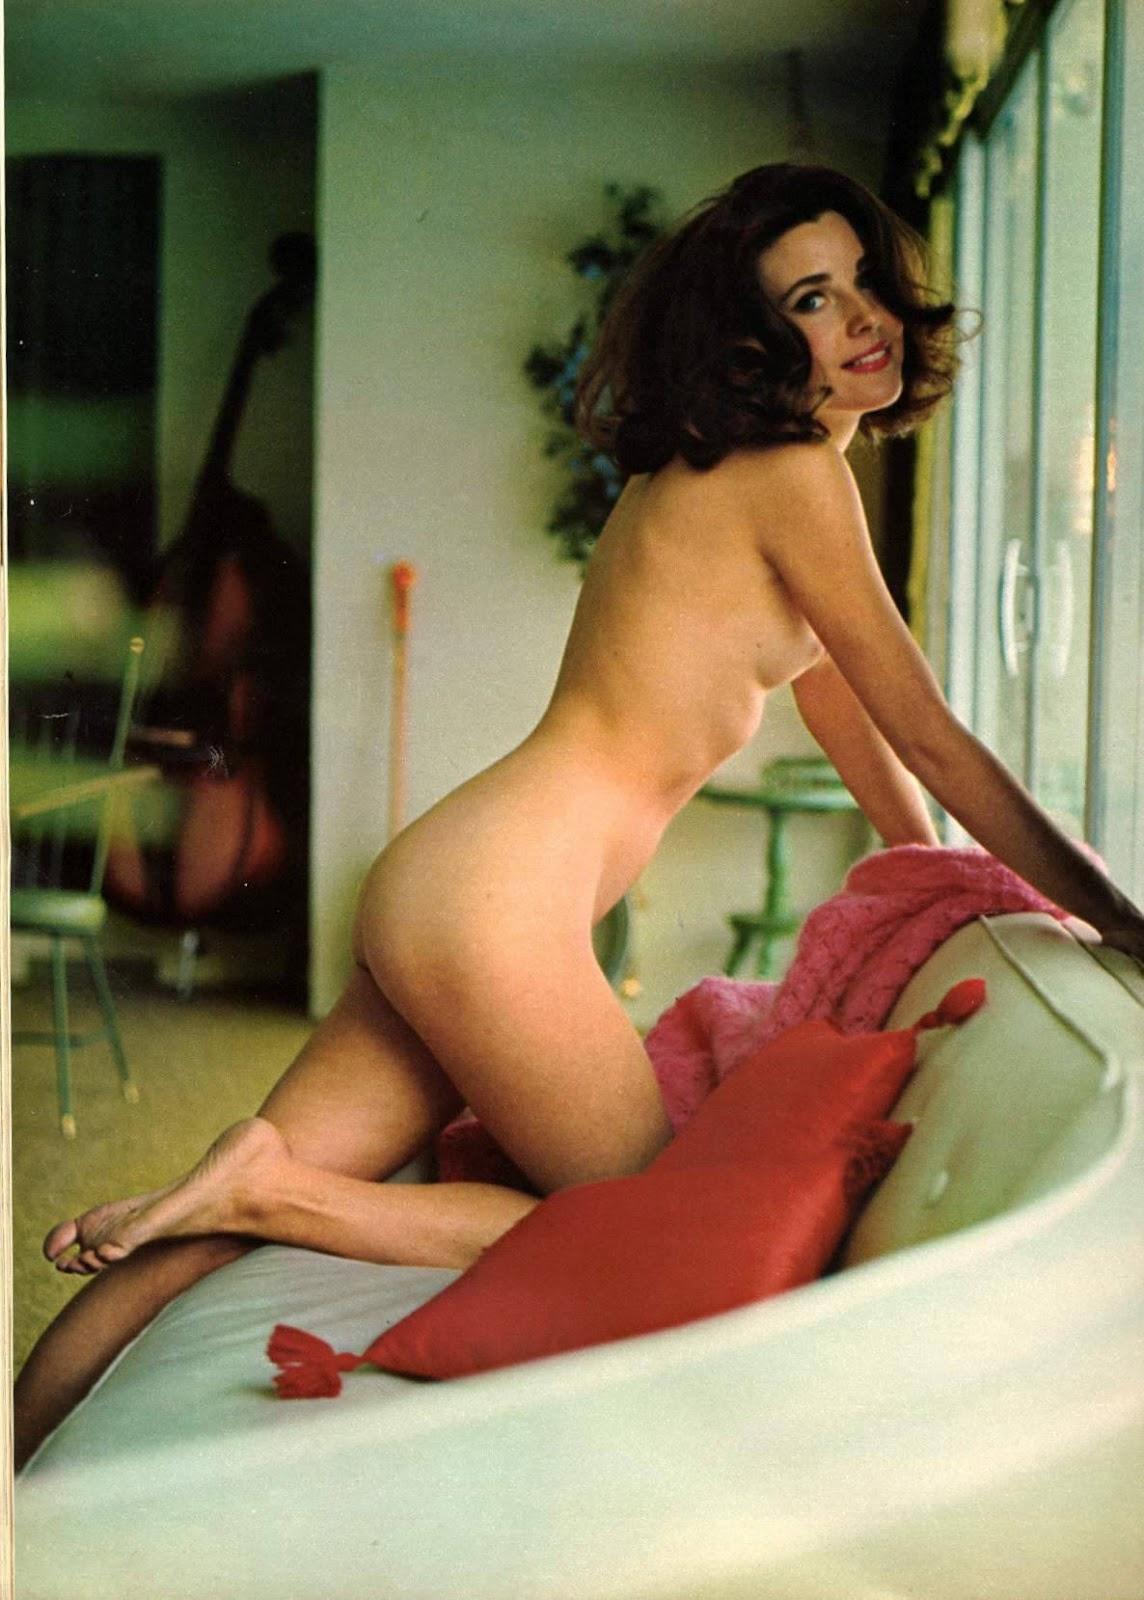 Hope howard nude